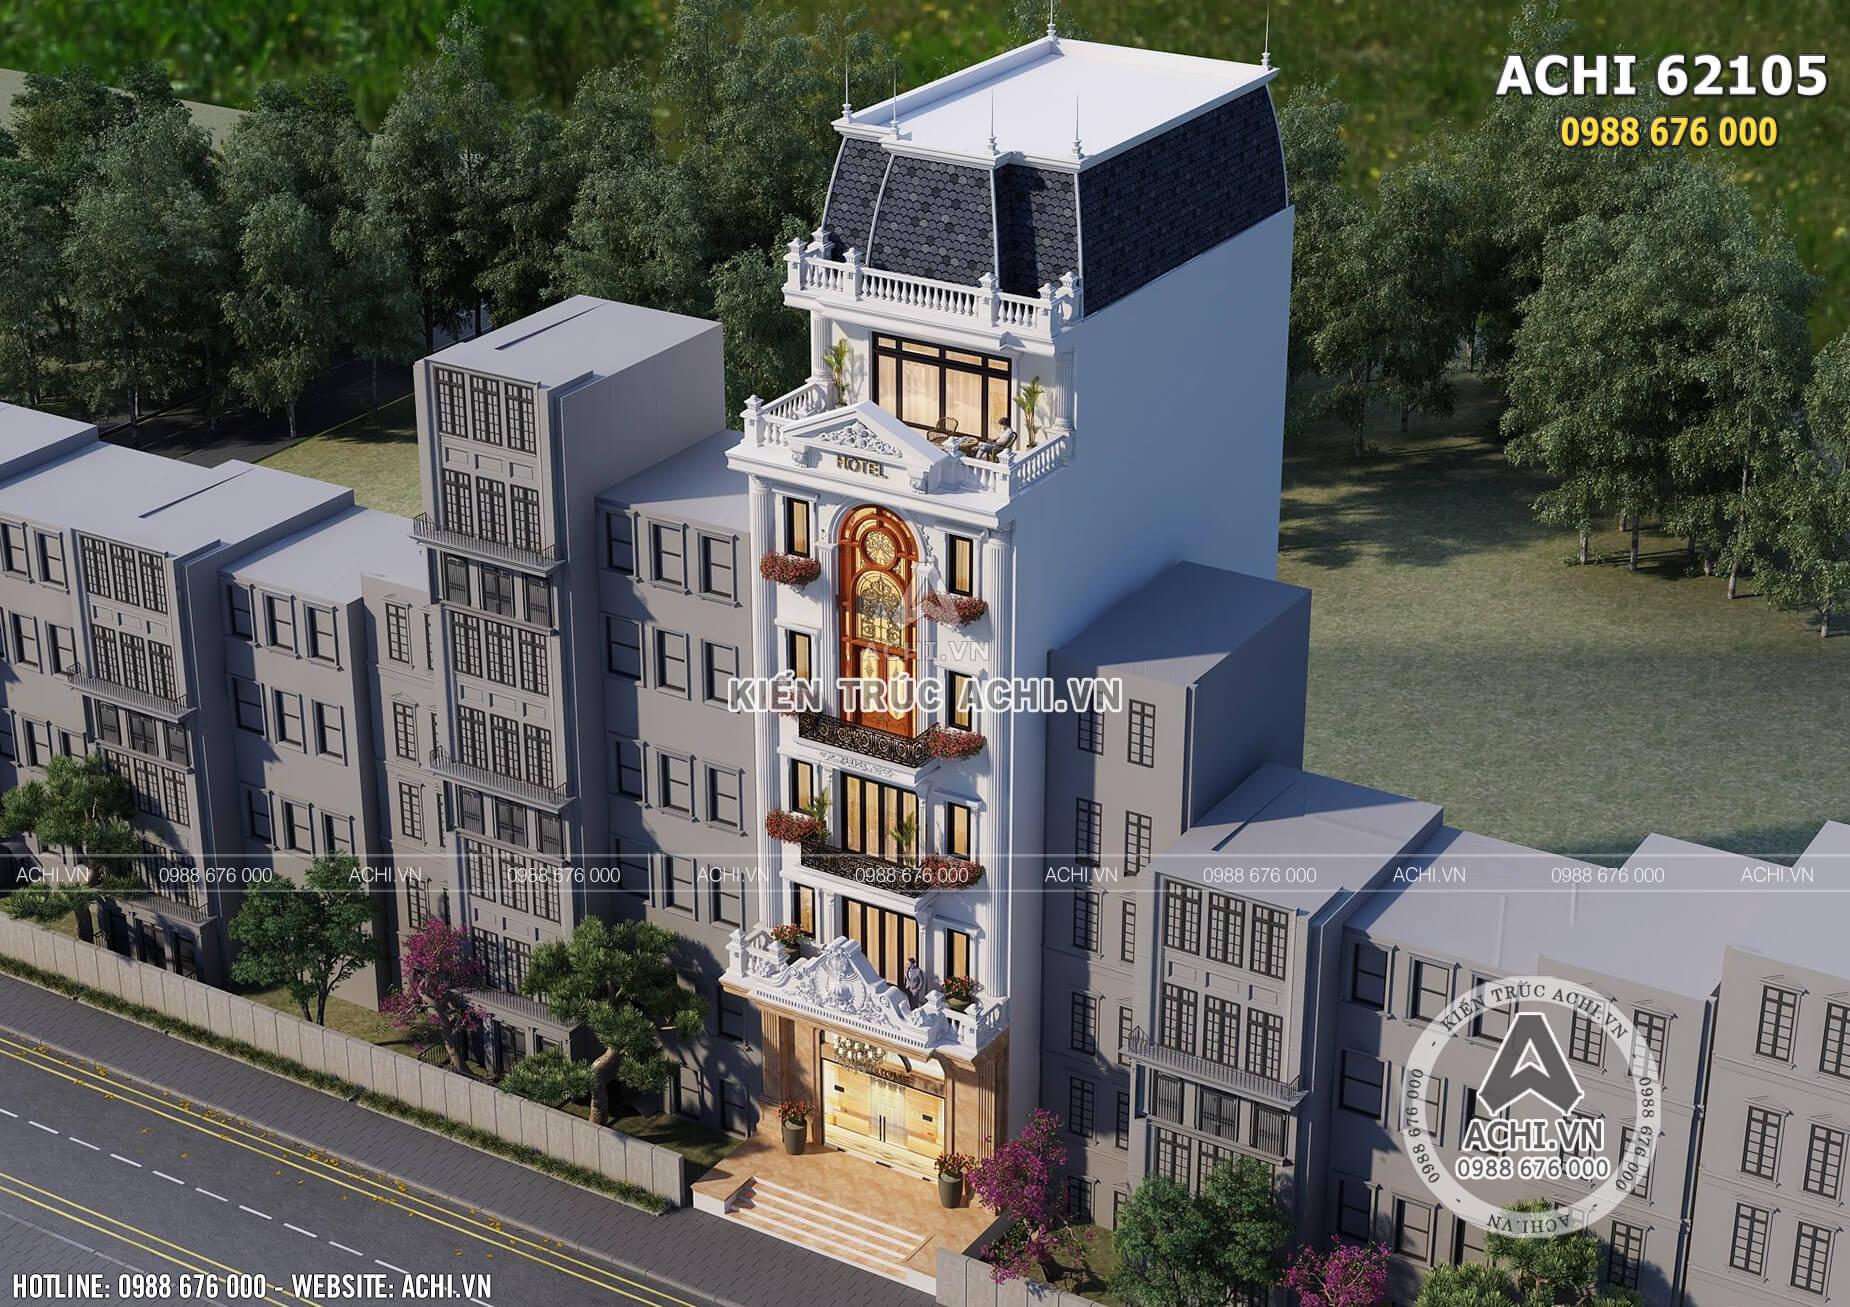 Mẫu thiết kế nhà lô phố kiến trúc tân cổ điển nhìn từ trên cao